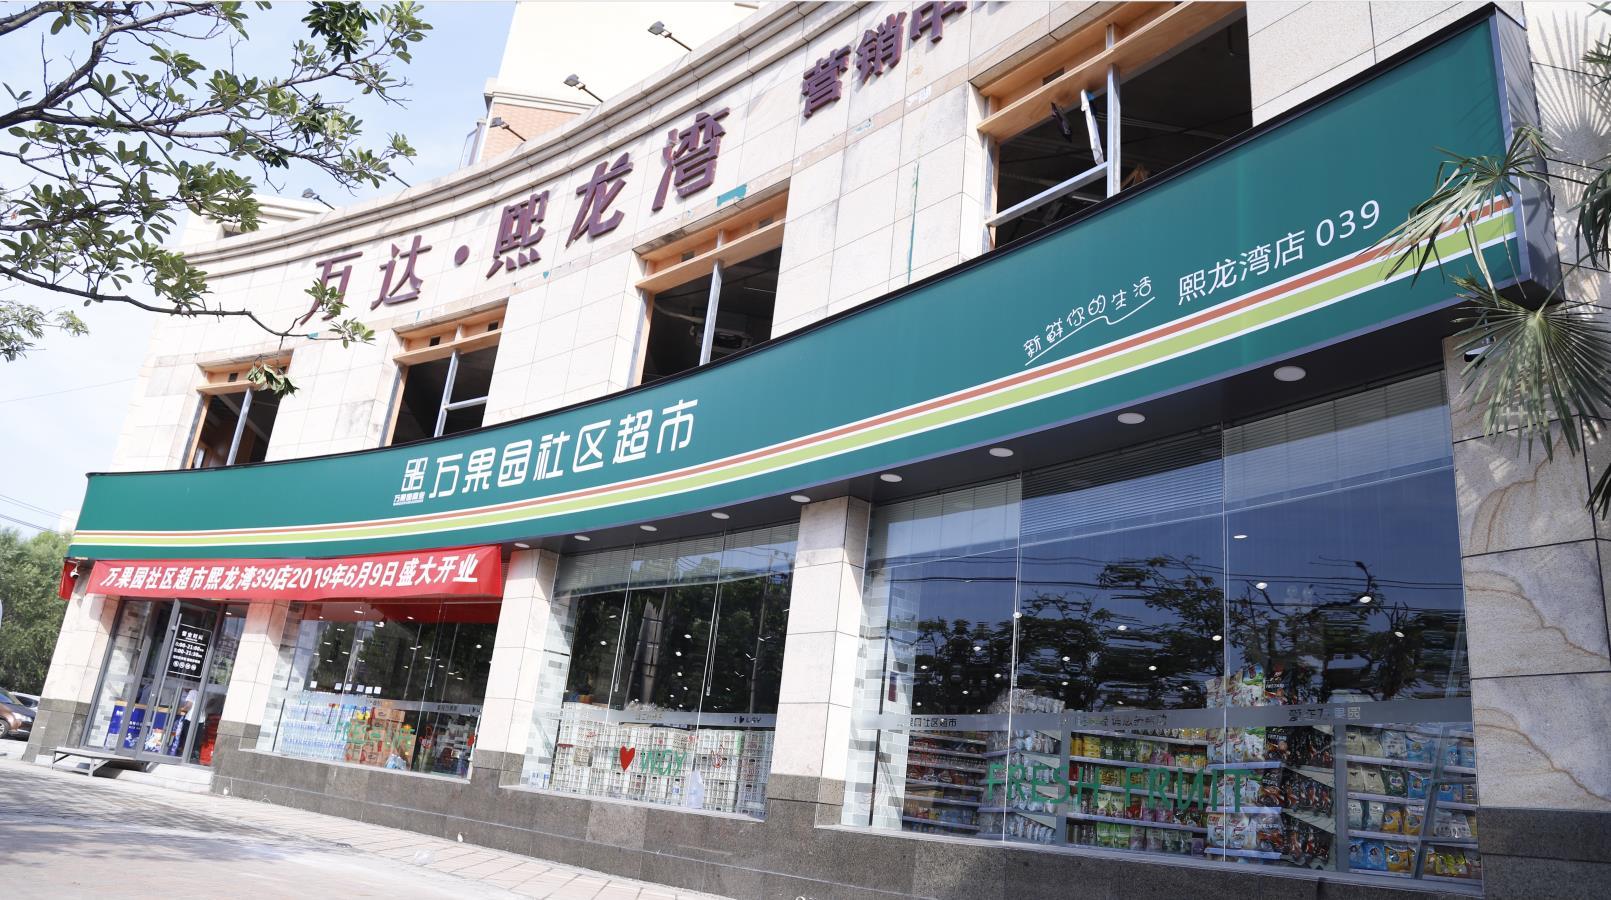 市区社区超市集团39店正式开业